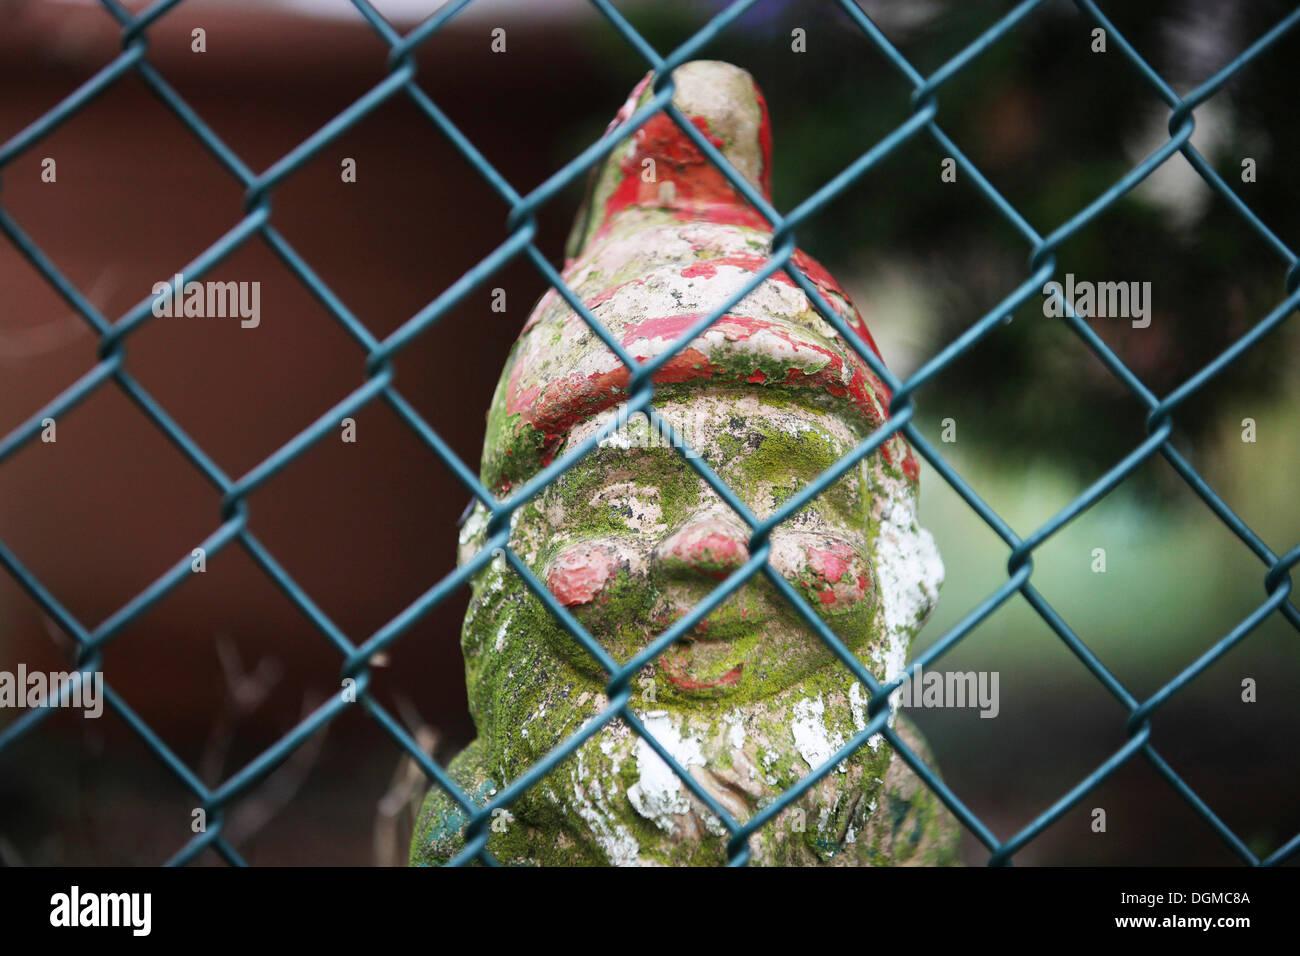 Verwitterte Gartenzwerg hinter einem Gitter Drahtzaun in einer Zuteilung Stockbild